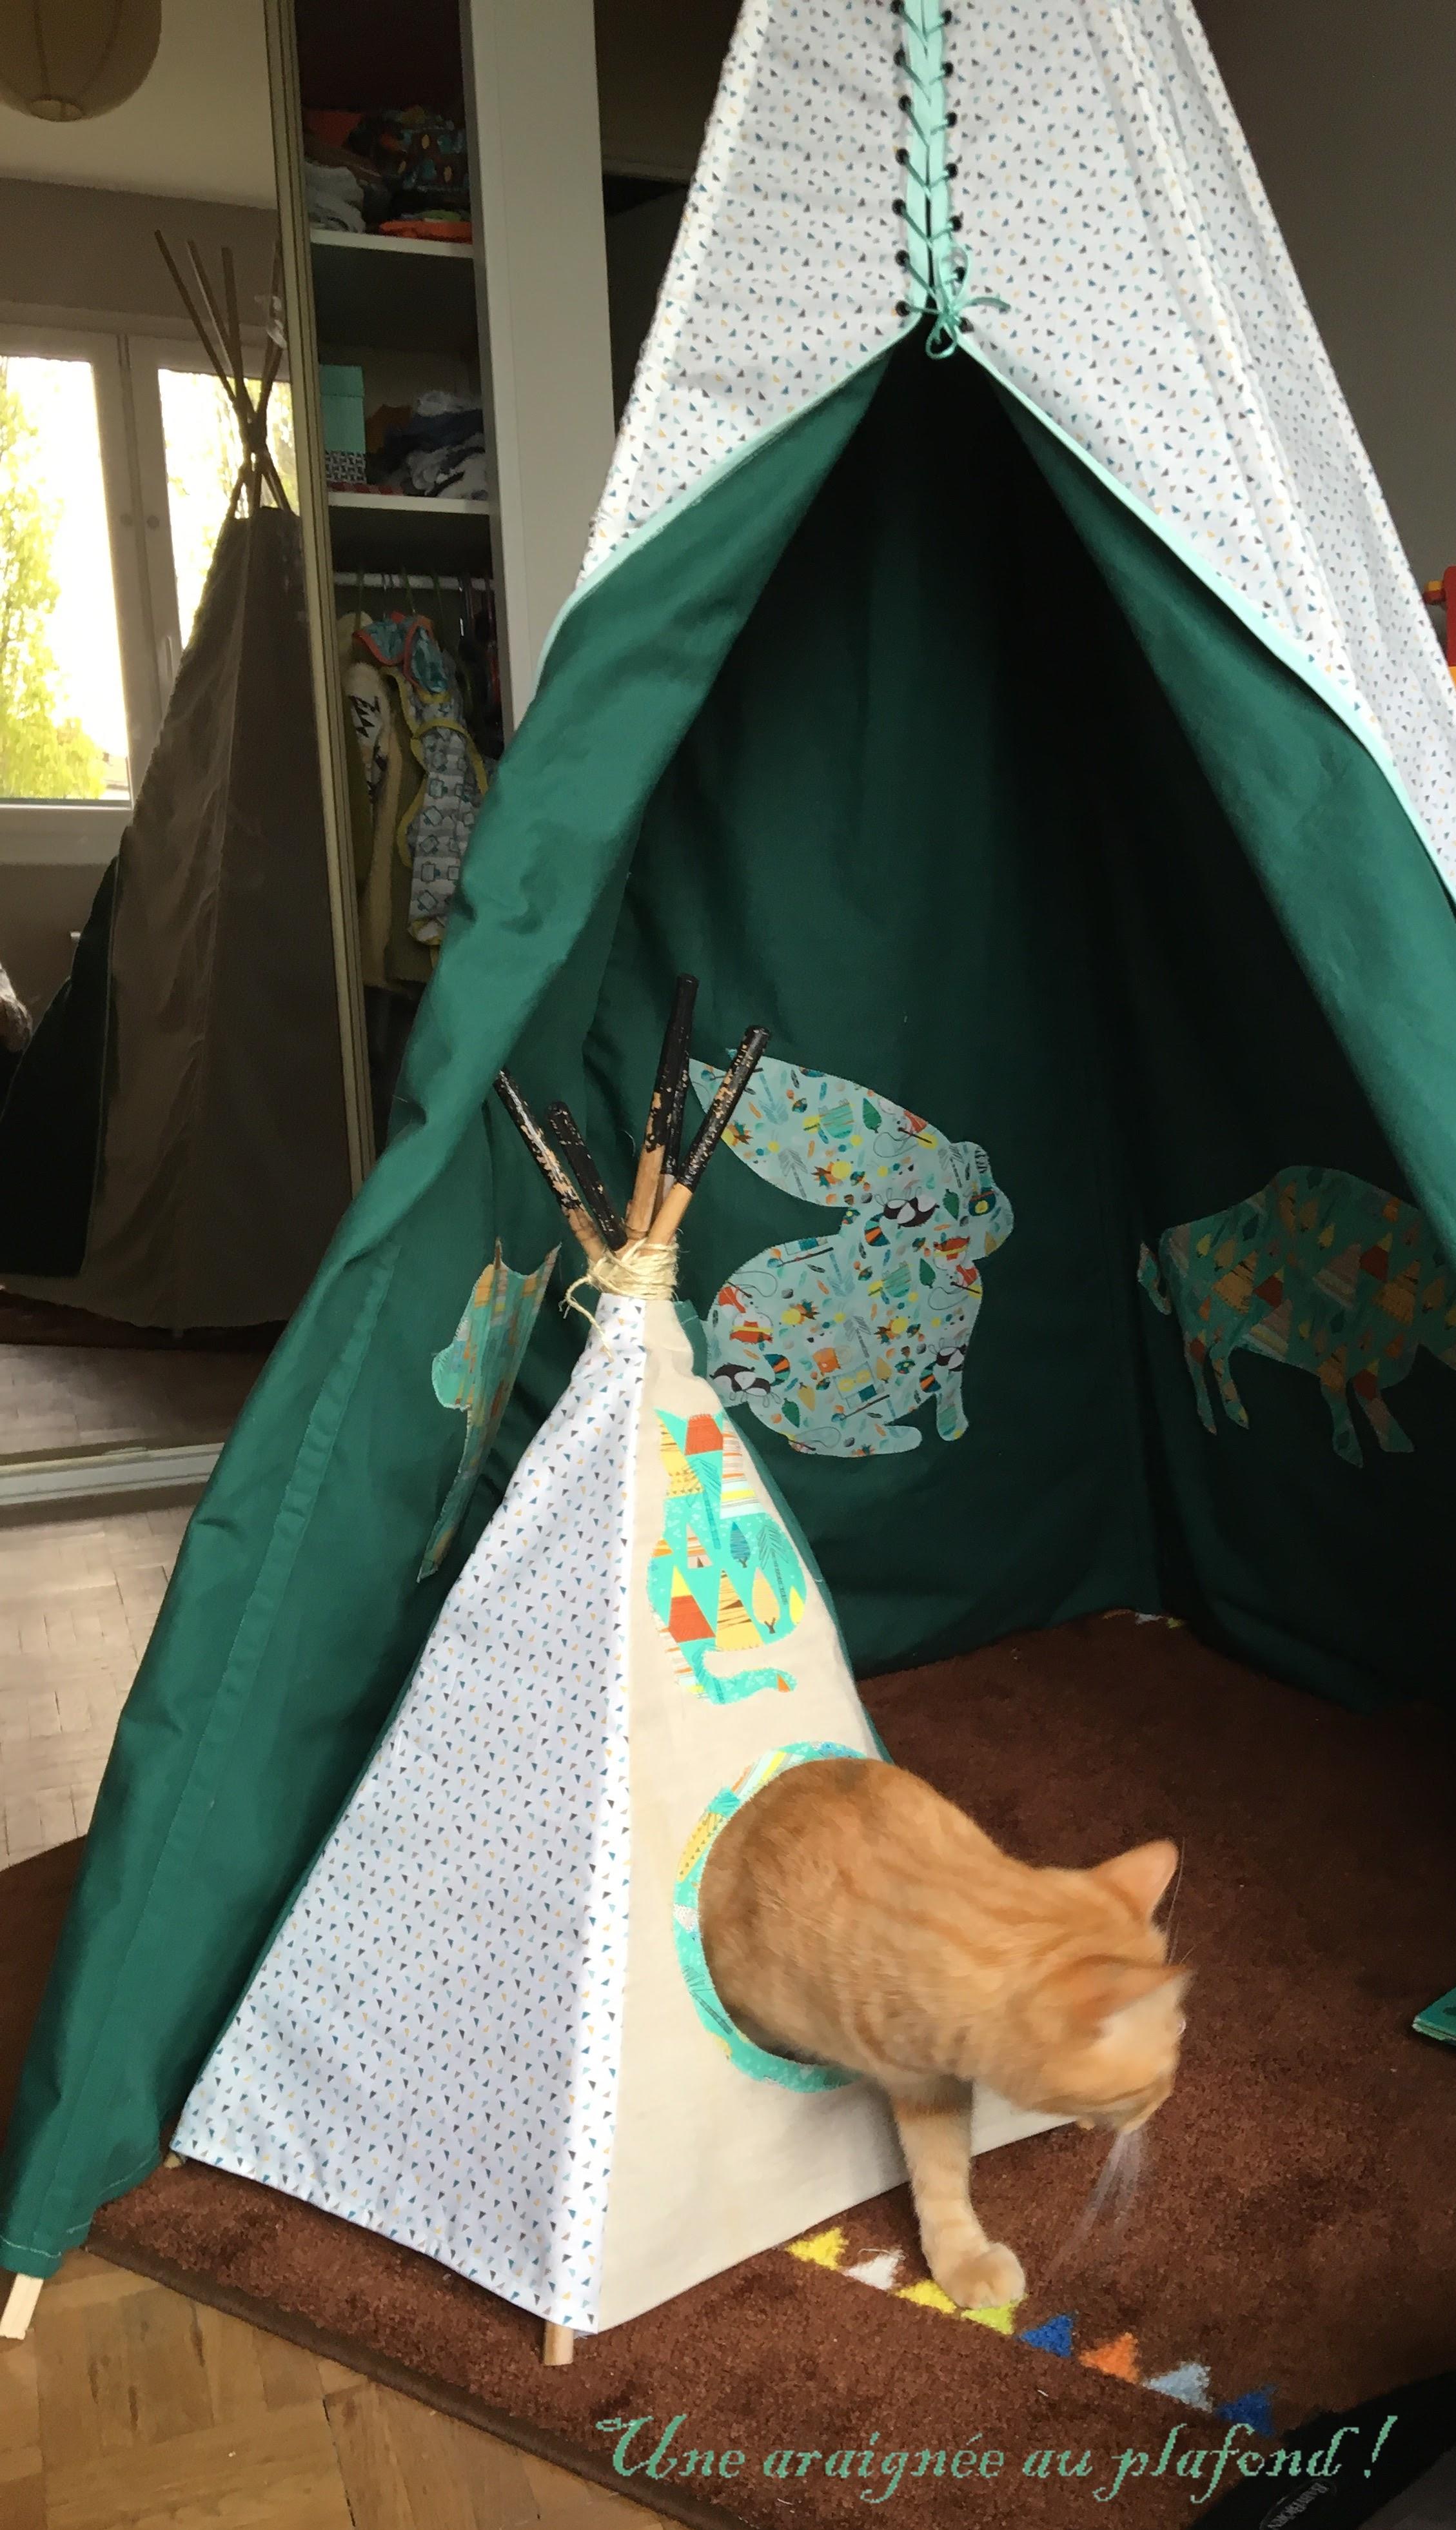 Tipi Pour Chat A Fabriquer diy - un tipi pour chat - une araignée au plafond!